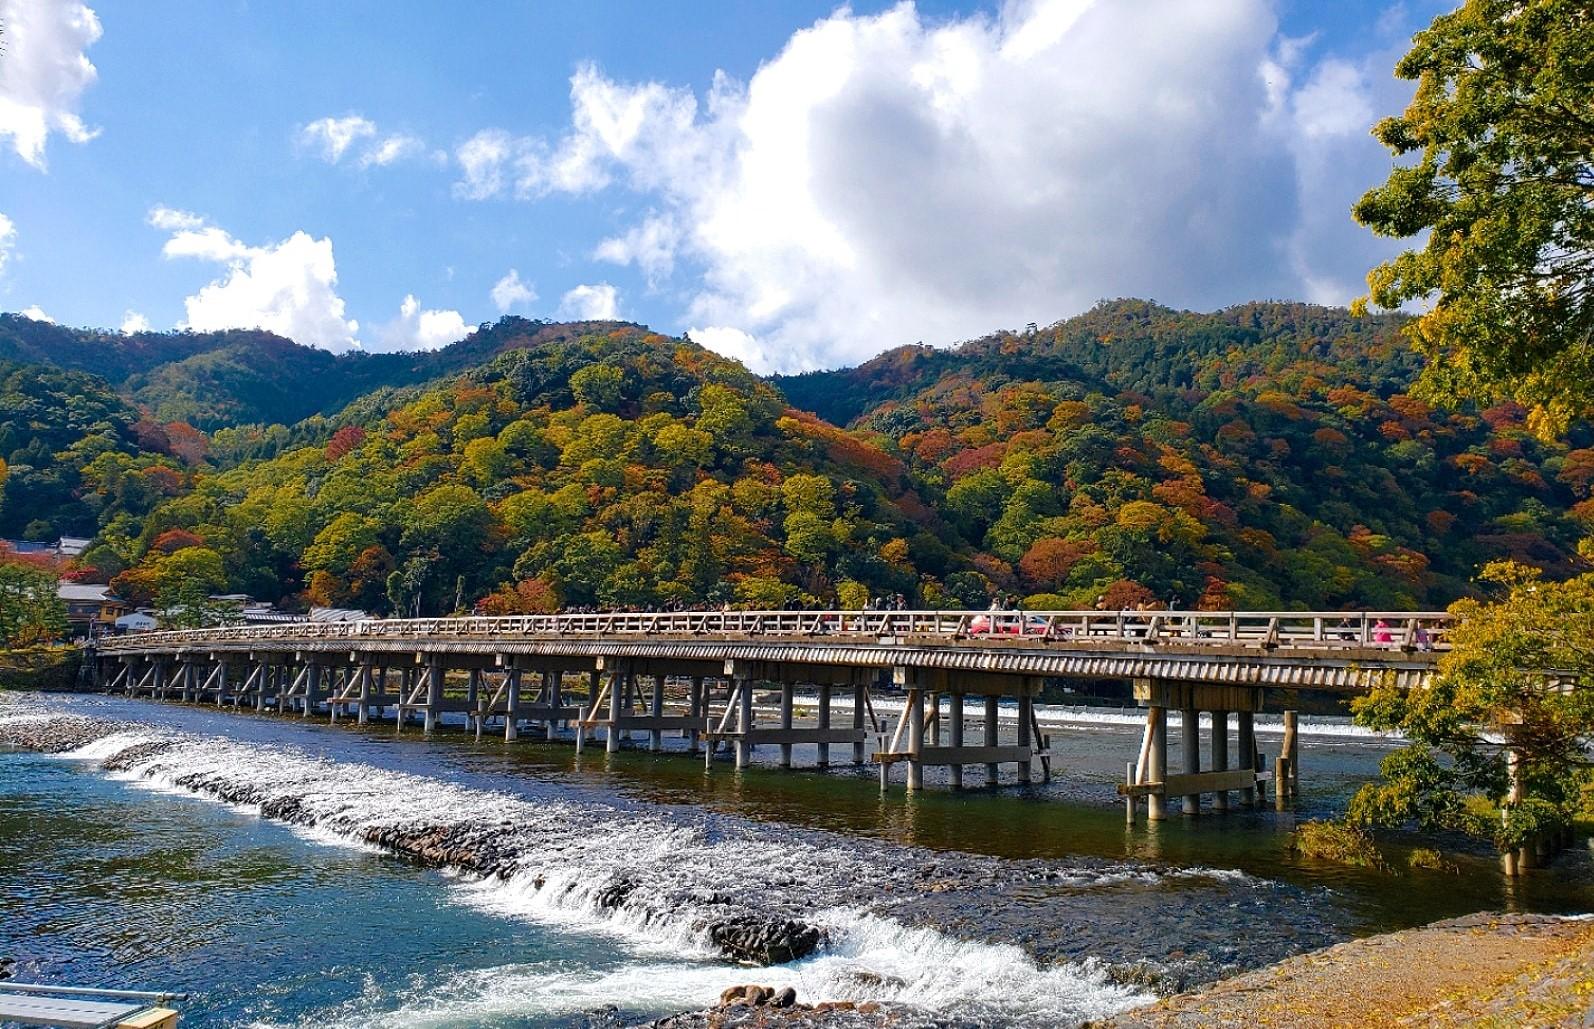 Togetsukyo Bridge in Arashiyama